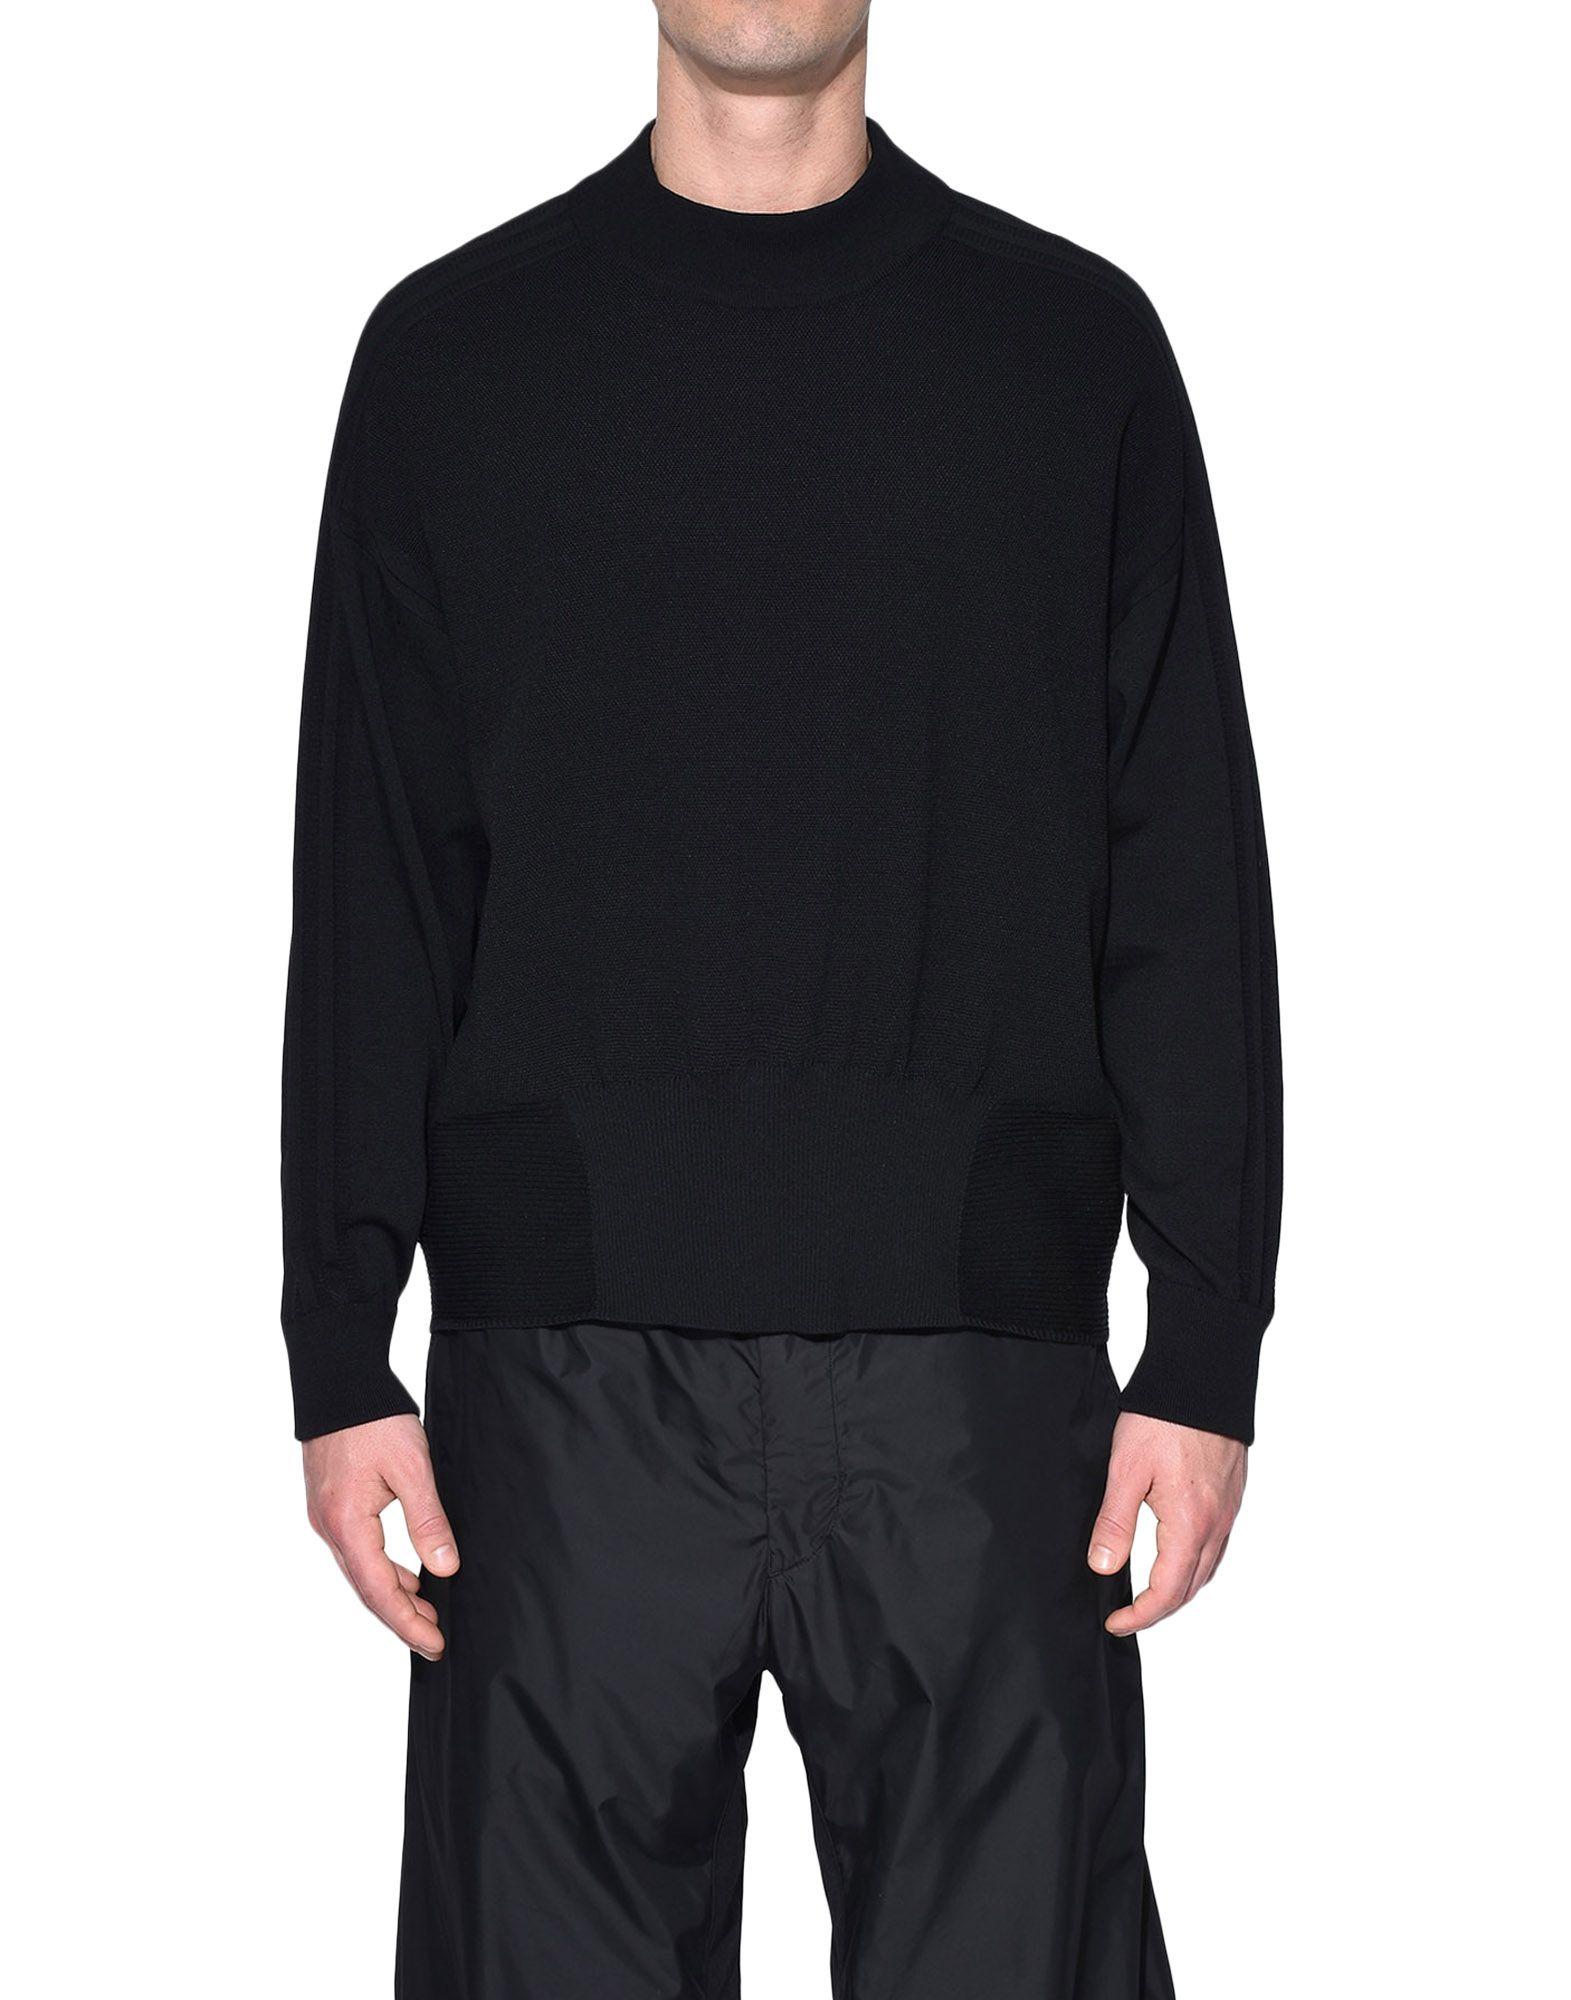 Y-3 Y-3 Tech Wool Sweater Langarmpulli Herren r